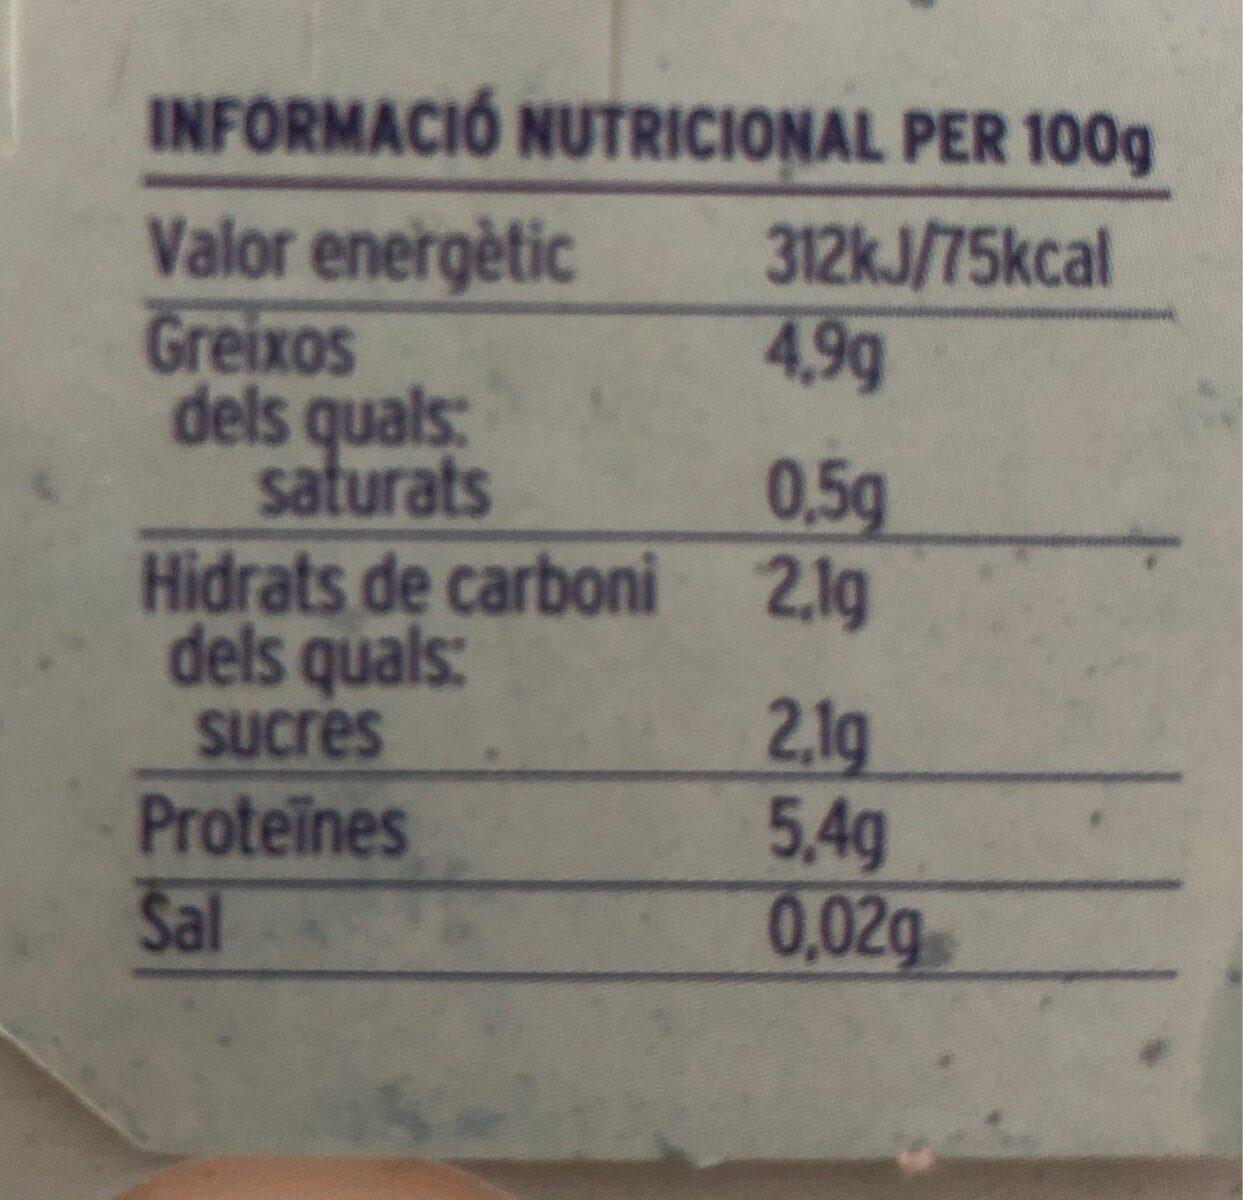 Iogurt ecológico natural de cabra - Información nutricional